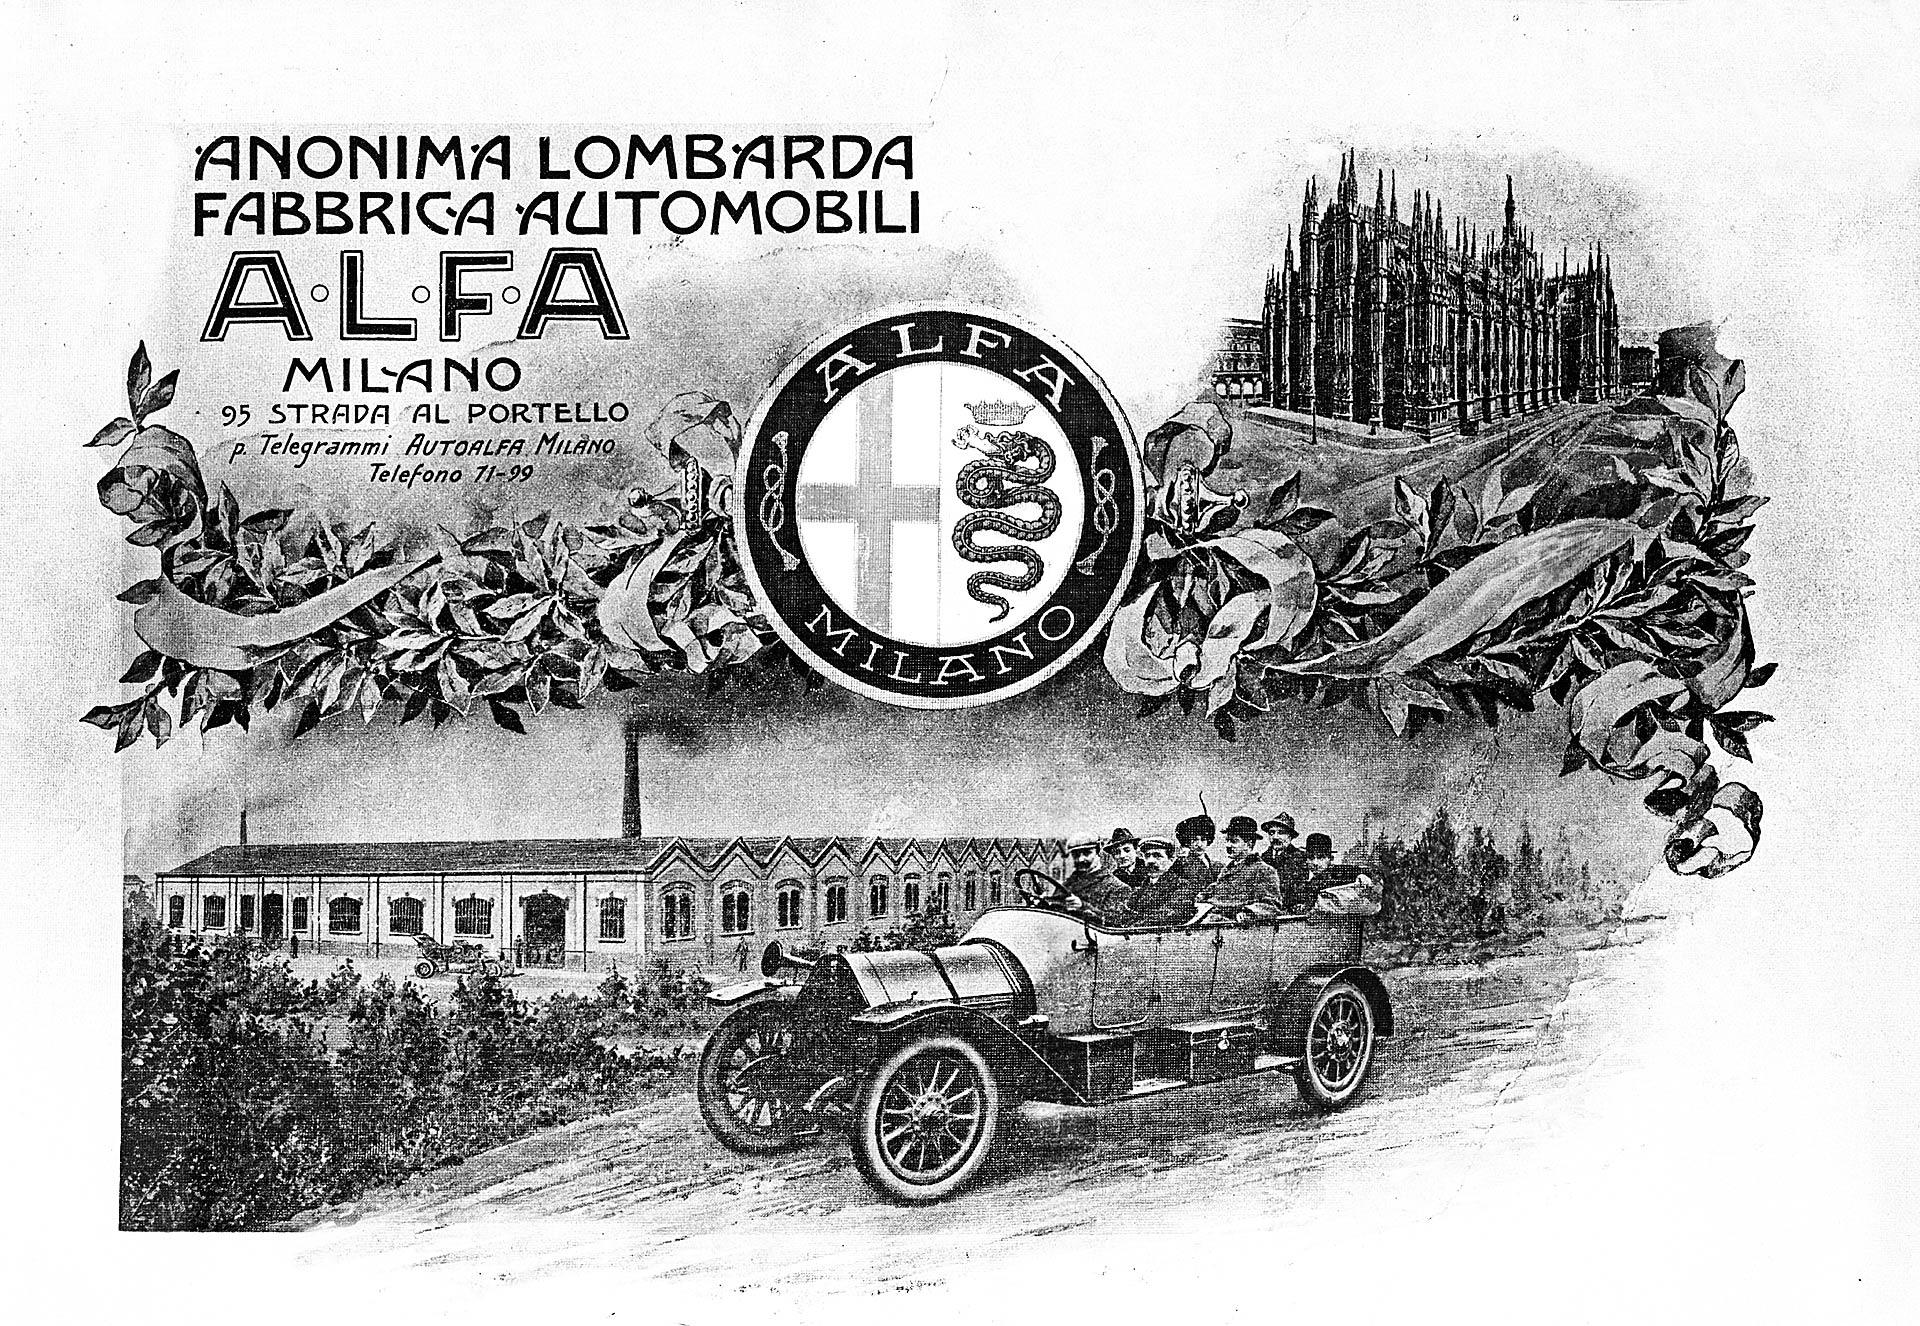 Cartolina che mostra l' Anonima Lombarda Fabbrica Automobili